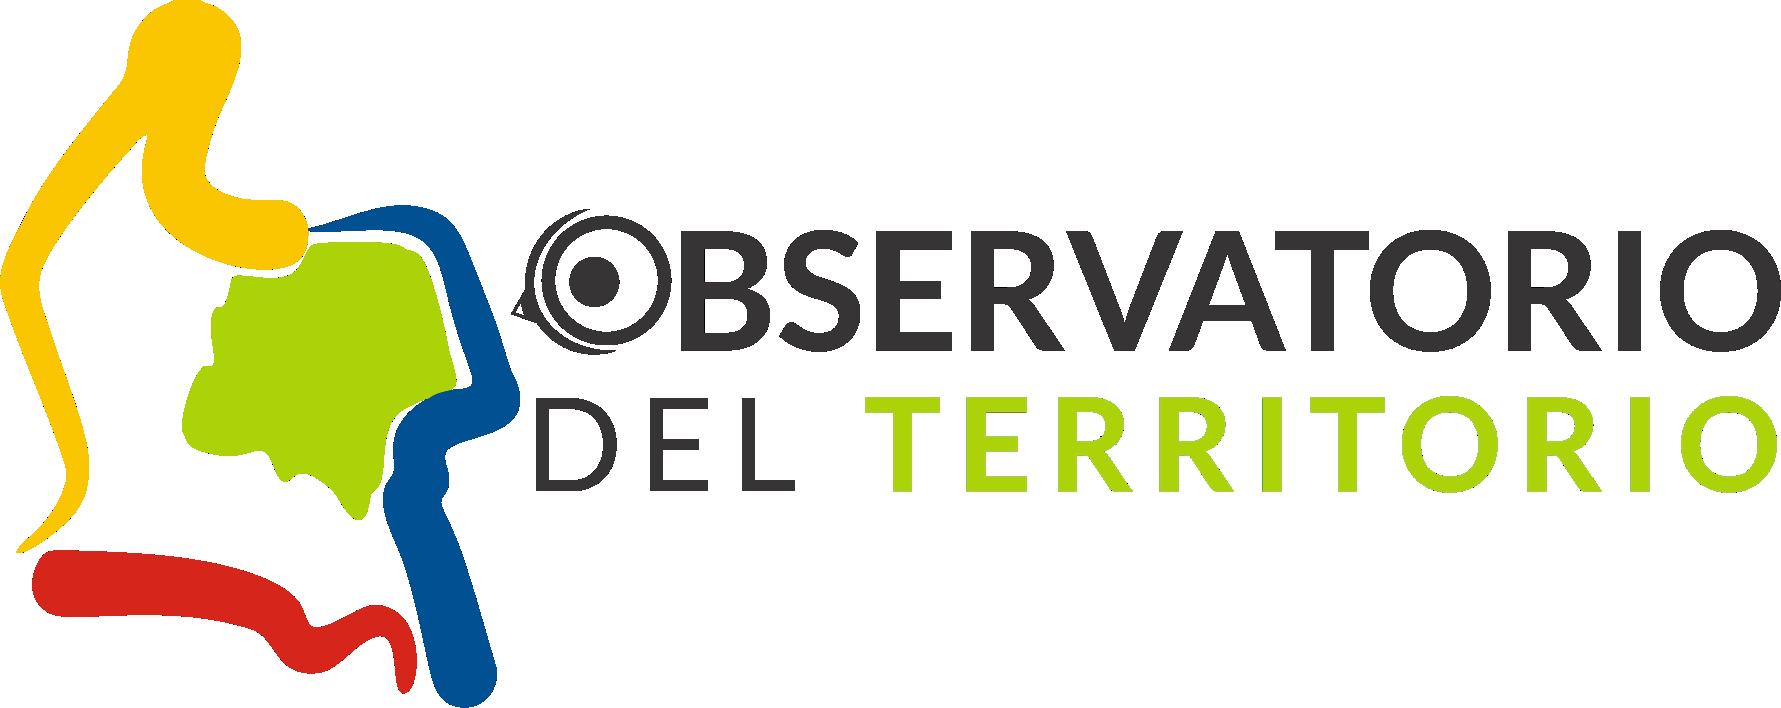 Observatorio del Territorio